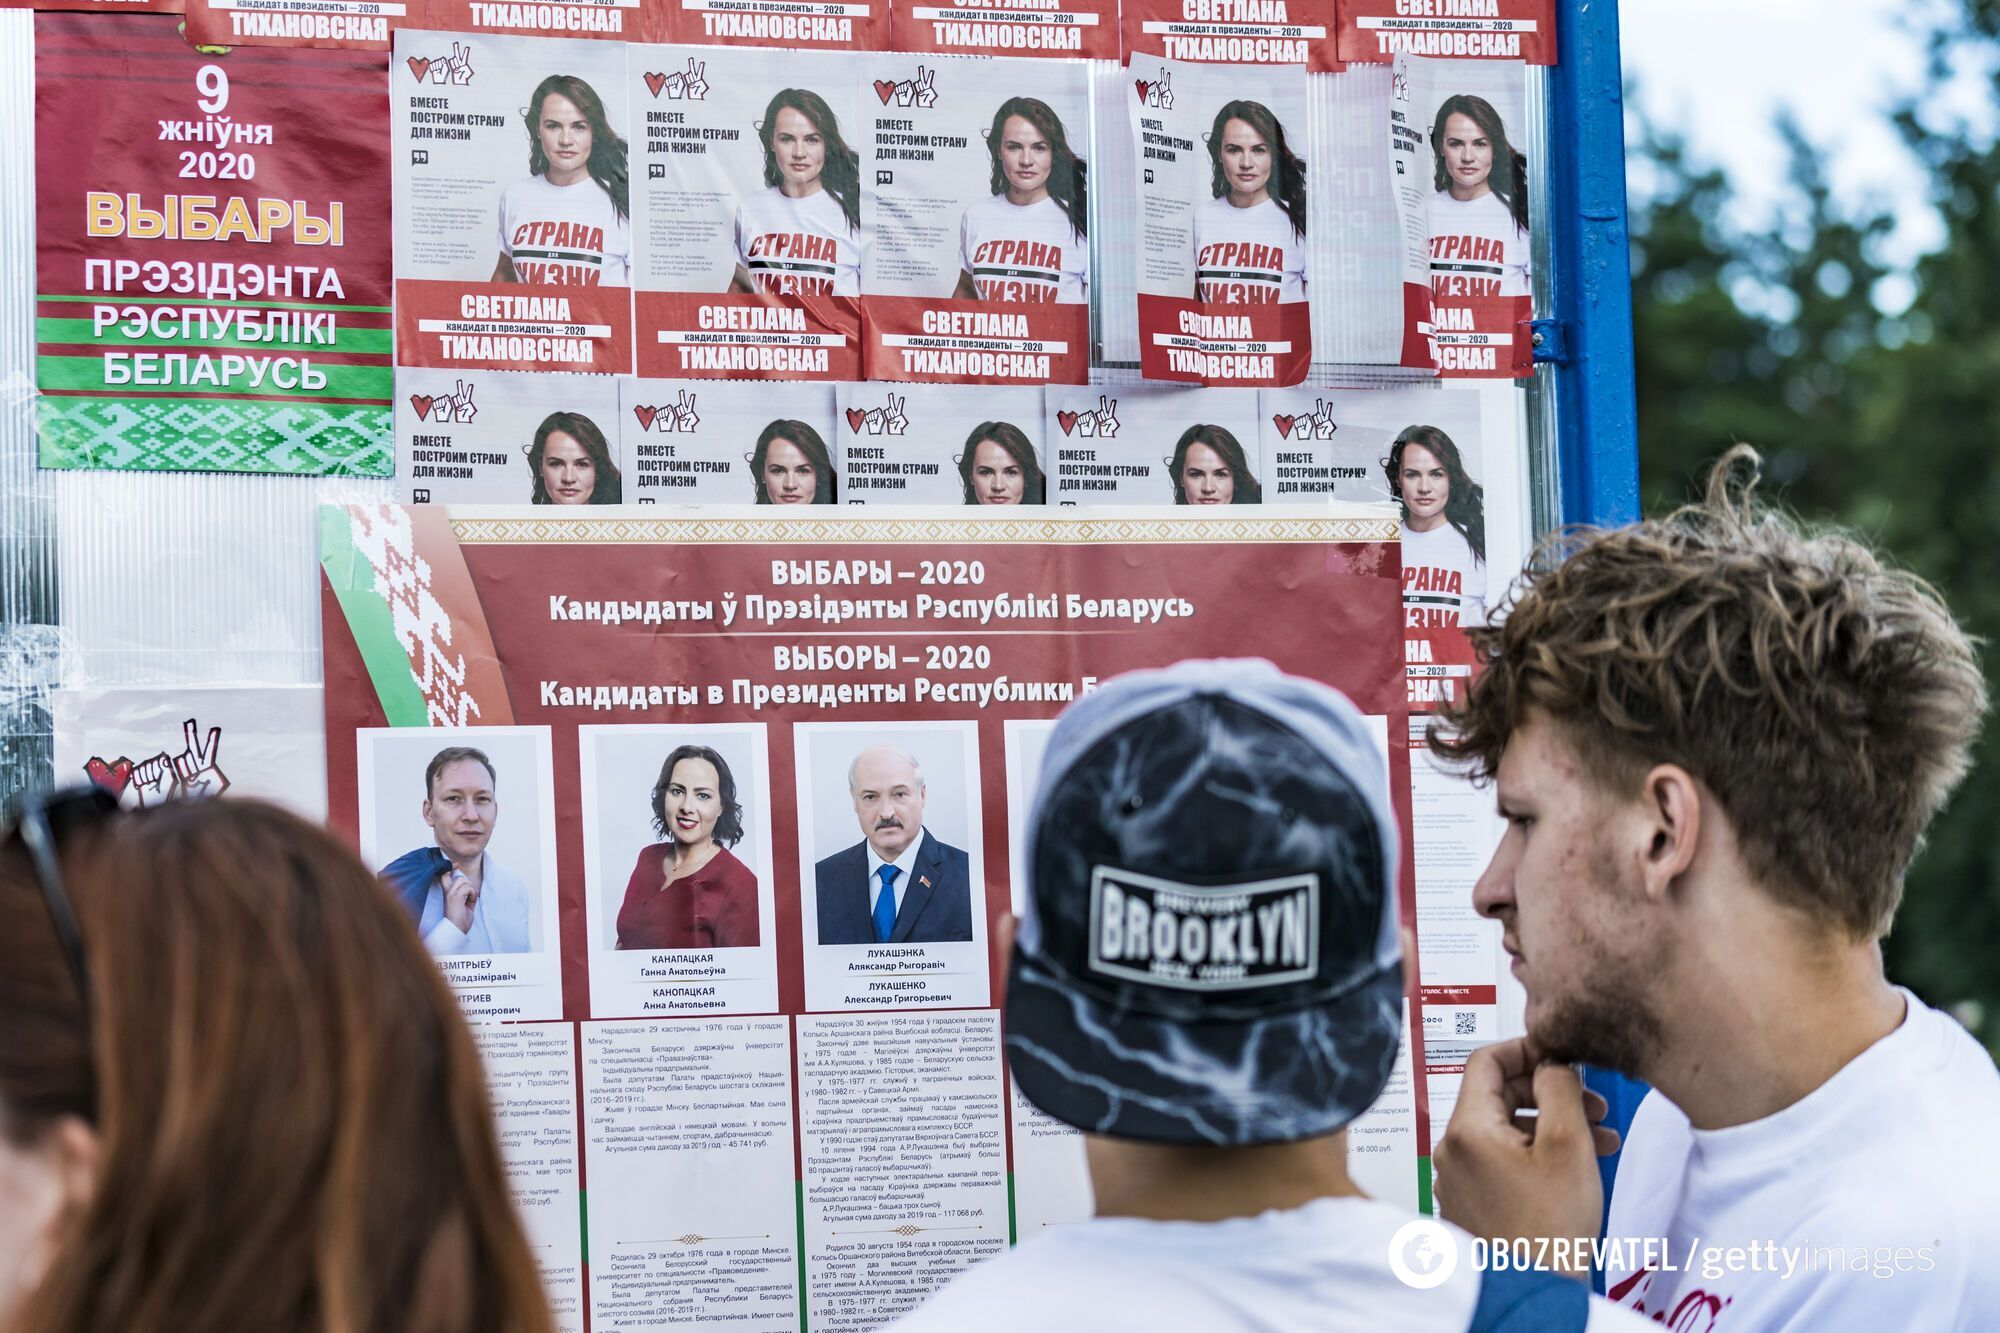 Вибори президента Білорусі відбудуться 9 серпня